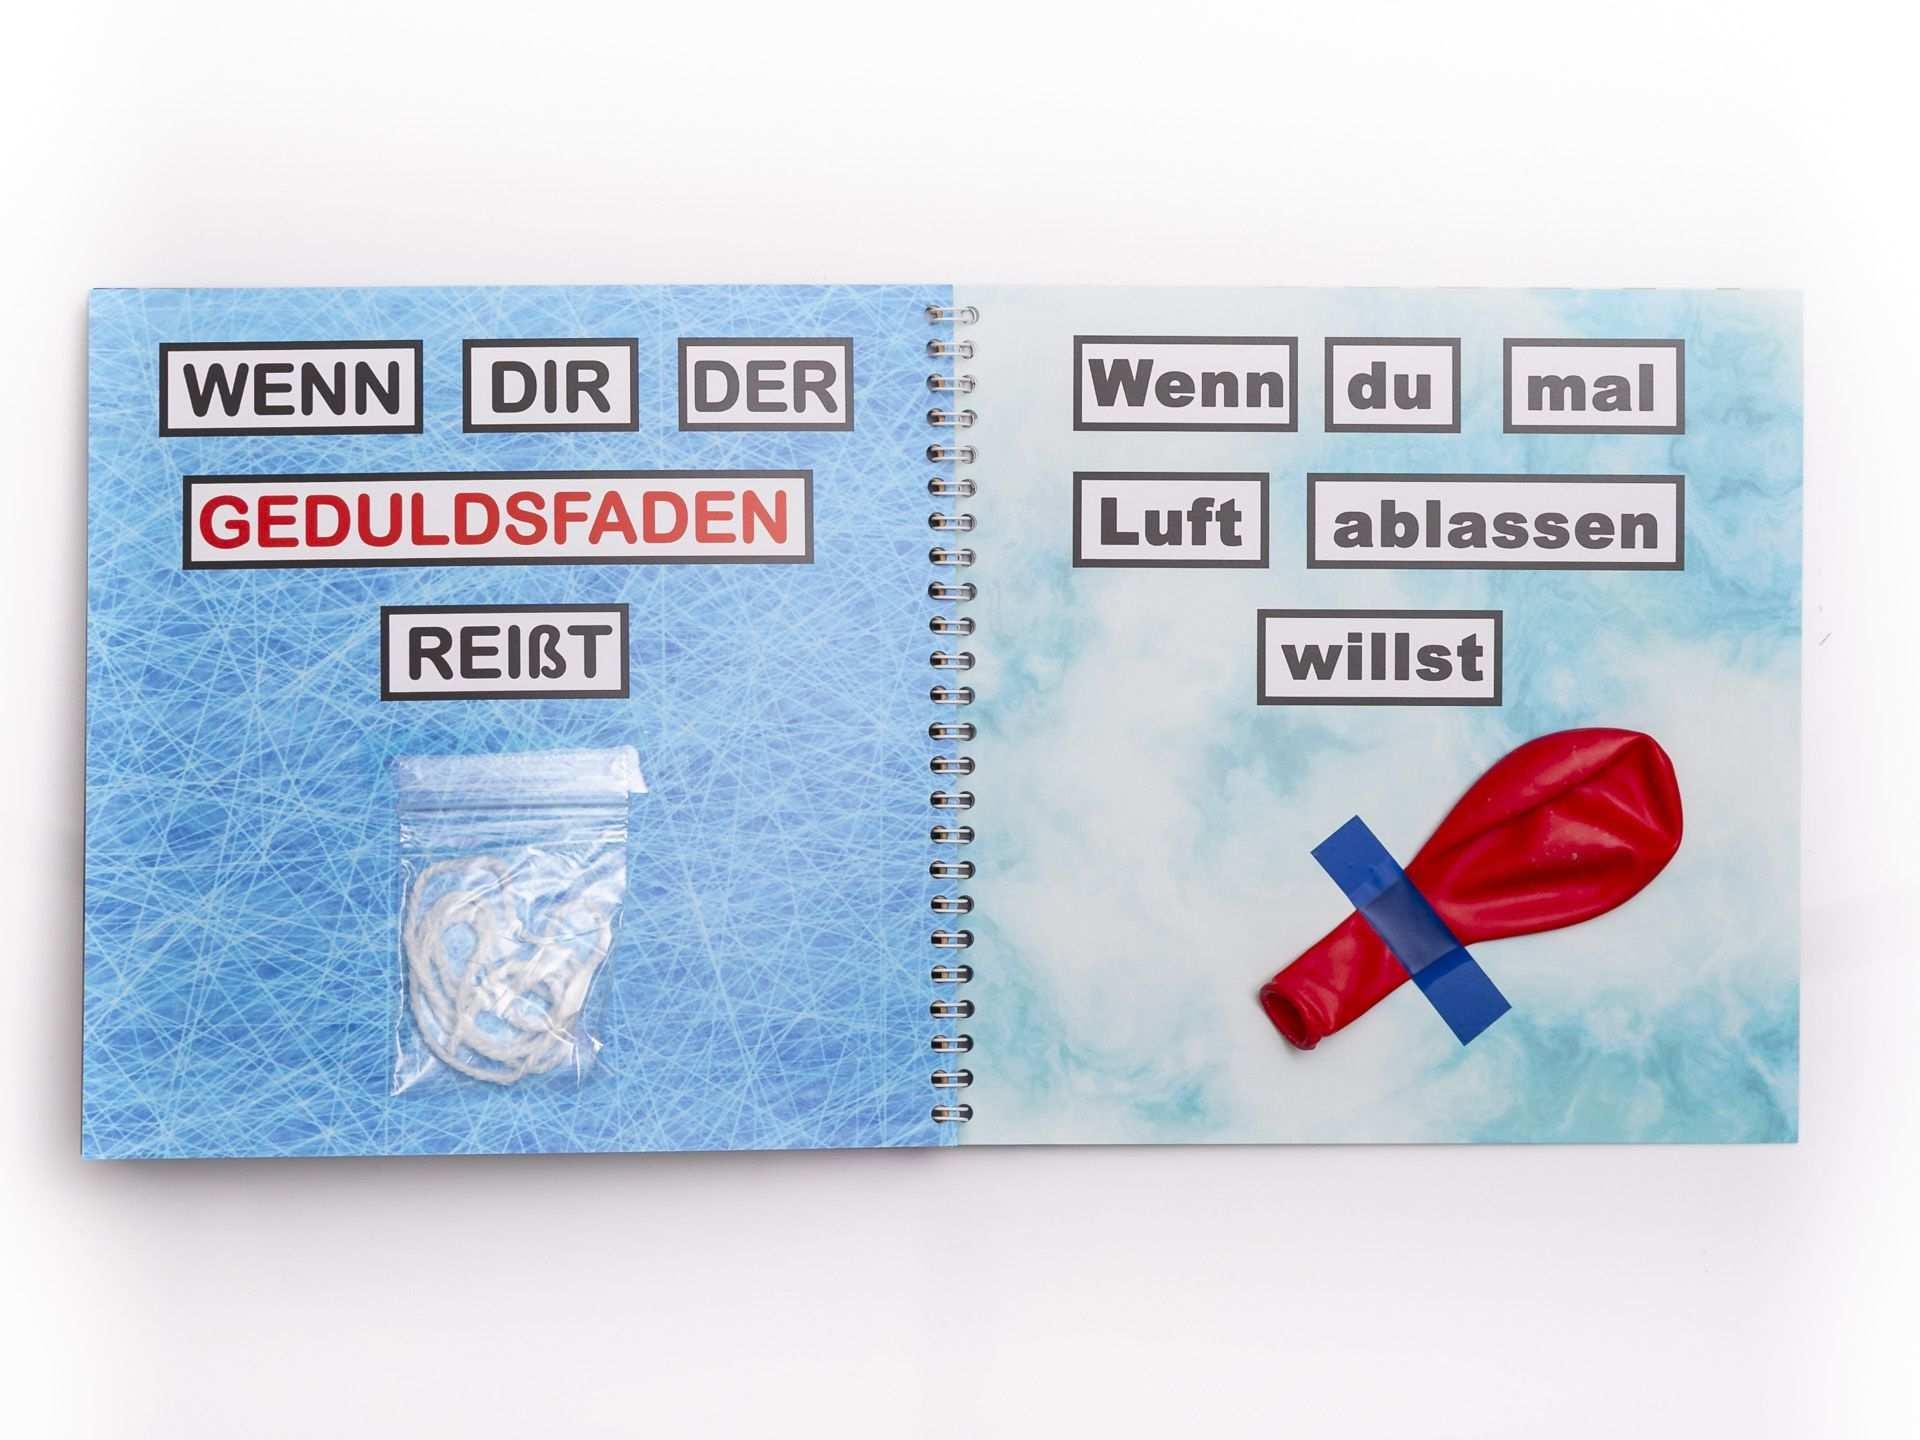 Geschenk Zur Bestandenen Fuhrerscheinprufung Wenn Buch Idaviduell Geschenk Zum Fuhrerschein Geburtstag Geschenke Selber Machen Fuhrerscheinprufung